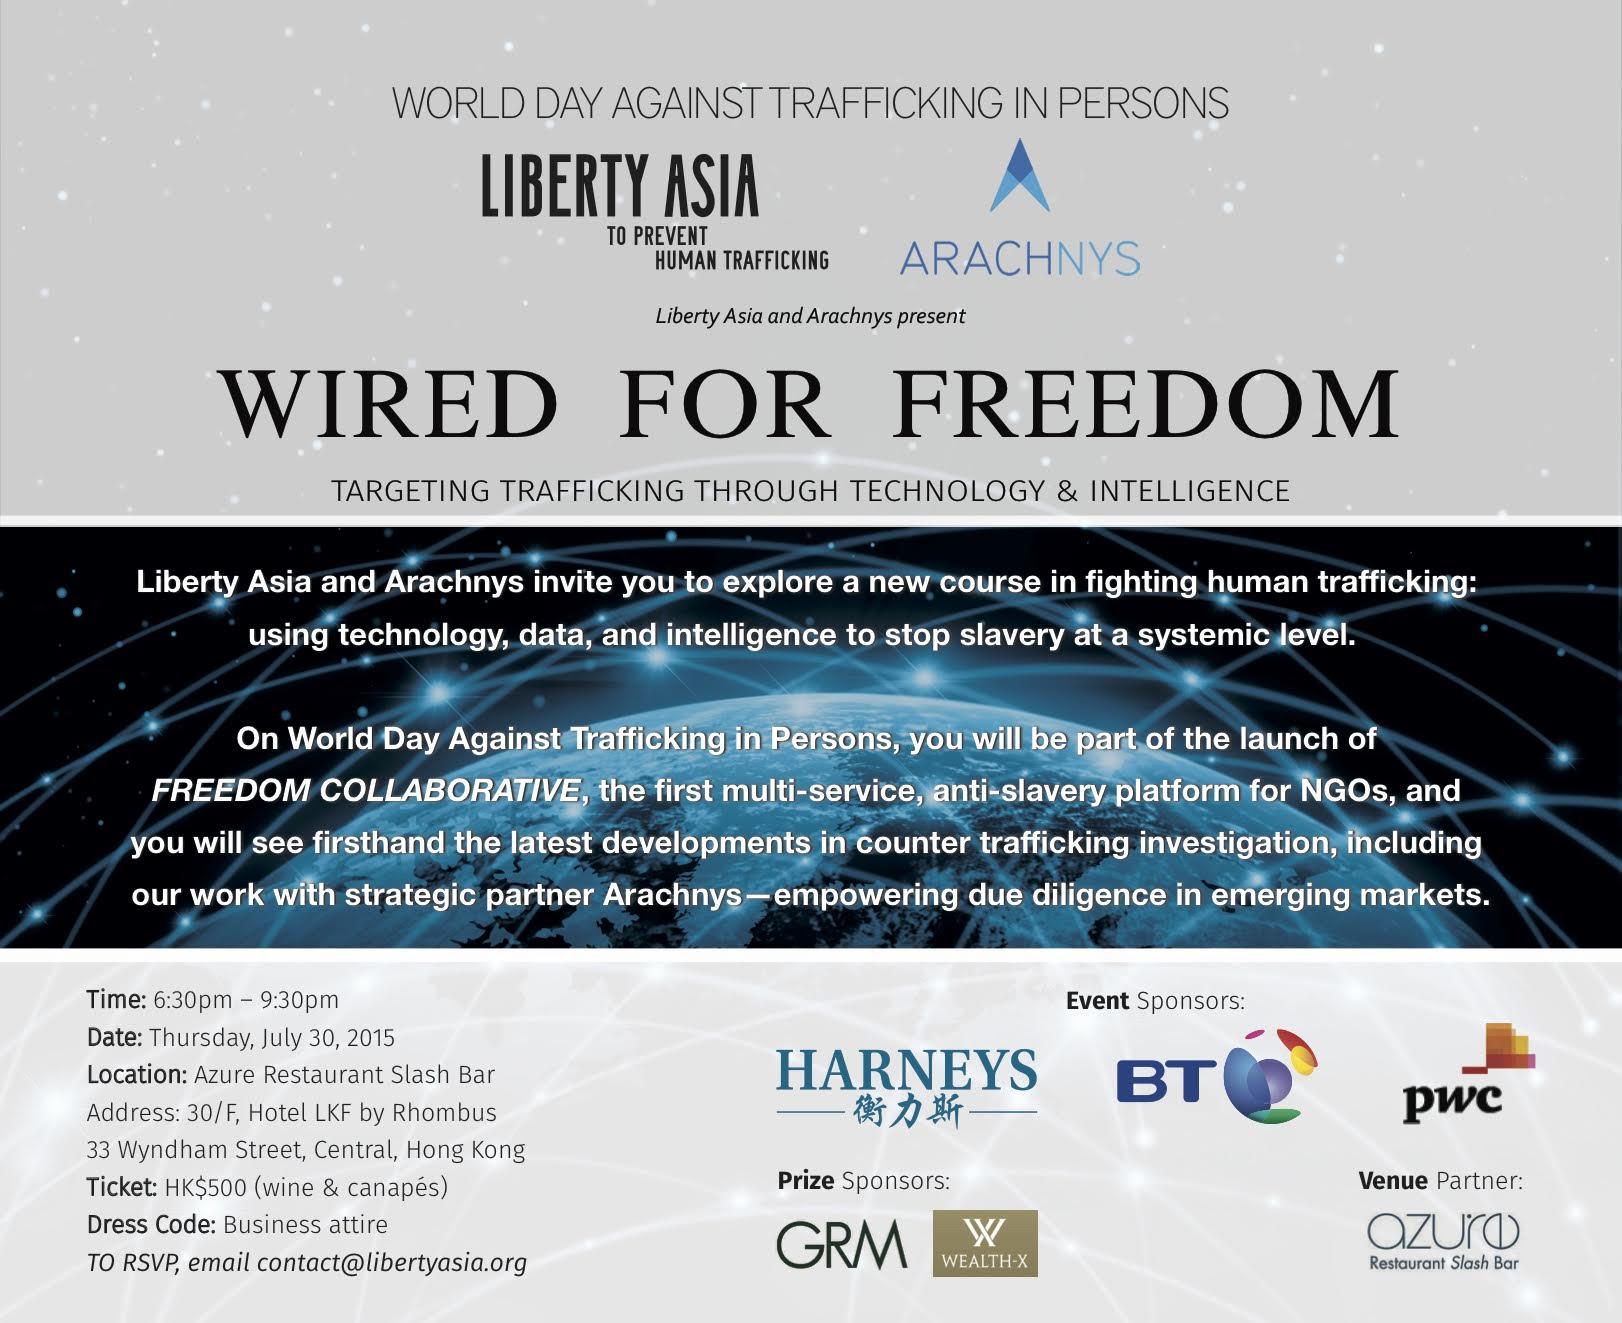 wiredforfreedom